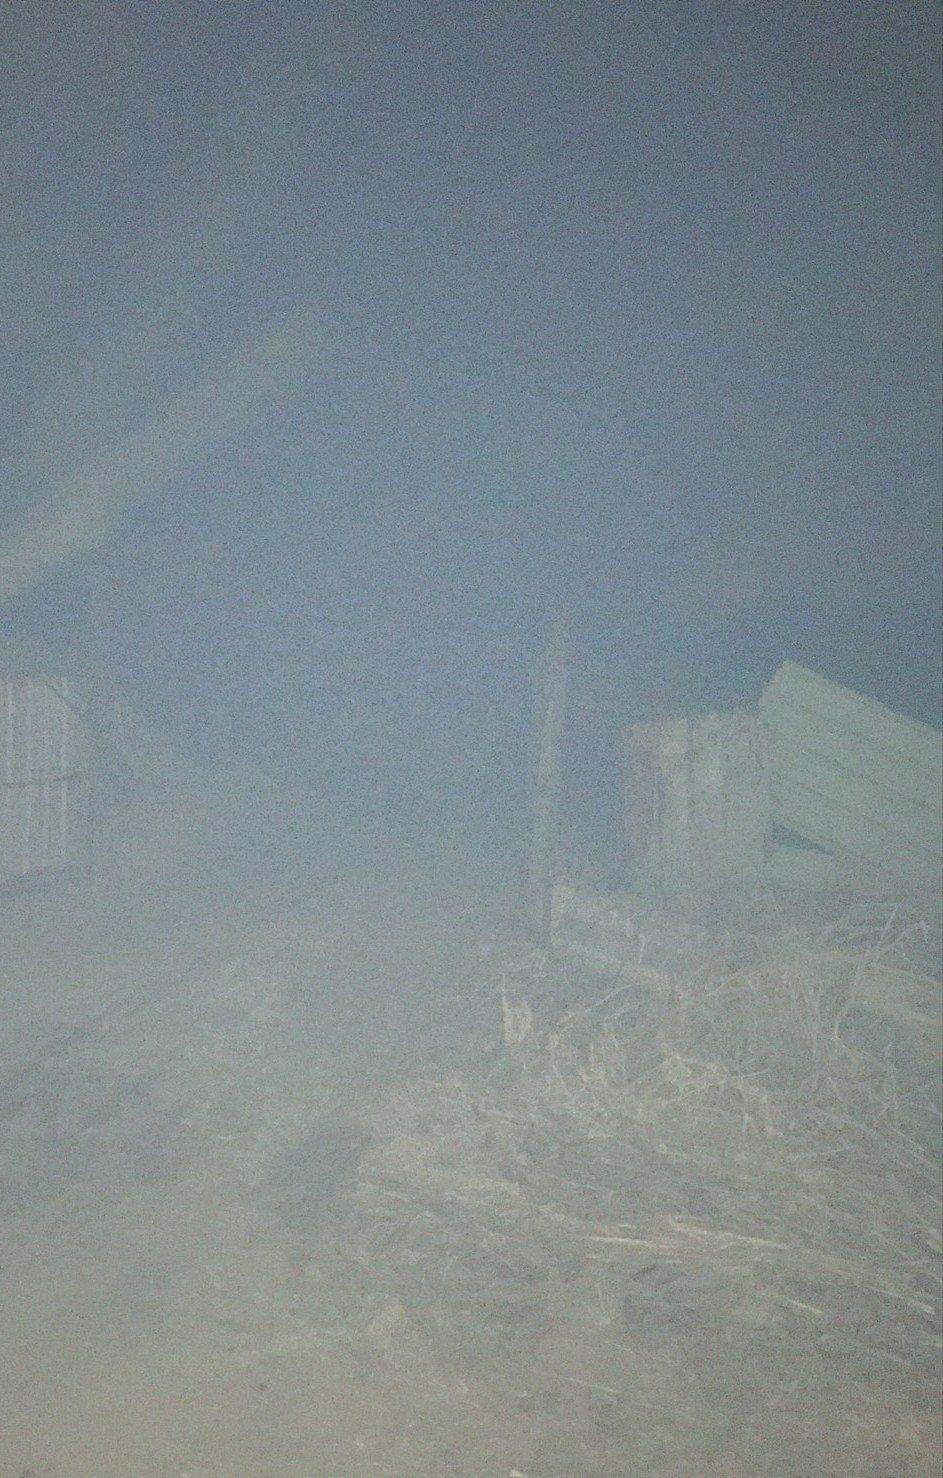 綠潔掩埋場今天下午因不明原因起火,周邊煙霧瀰漫。 記者卜敏正/翻攝